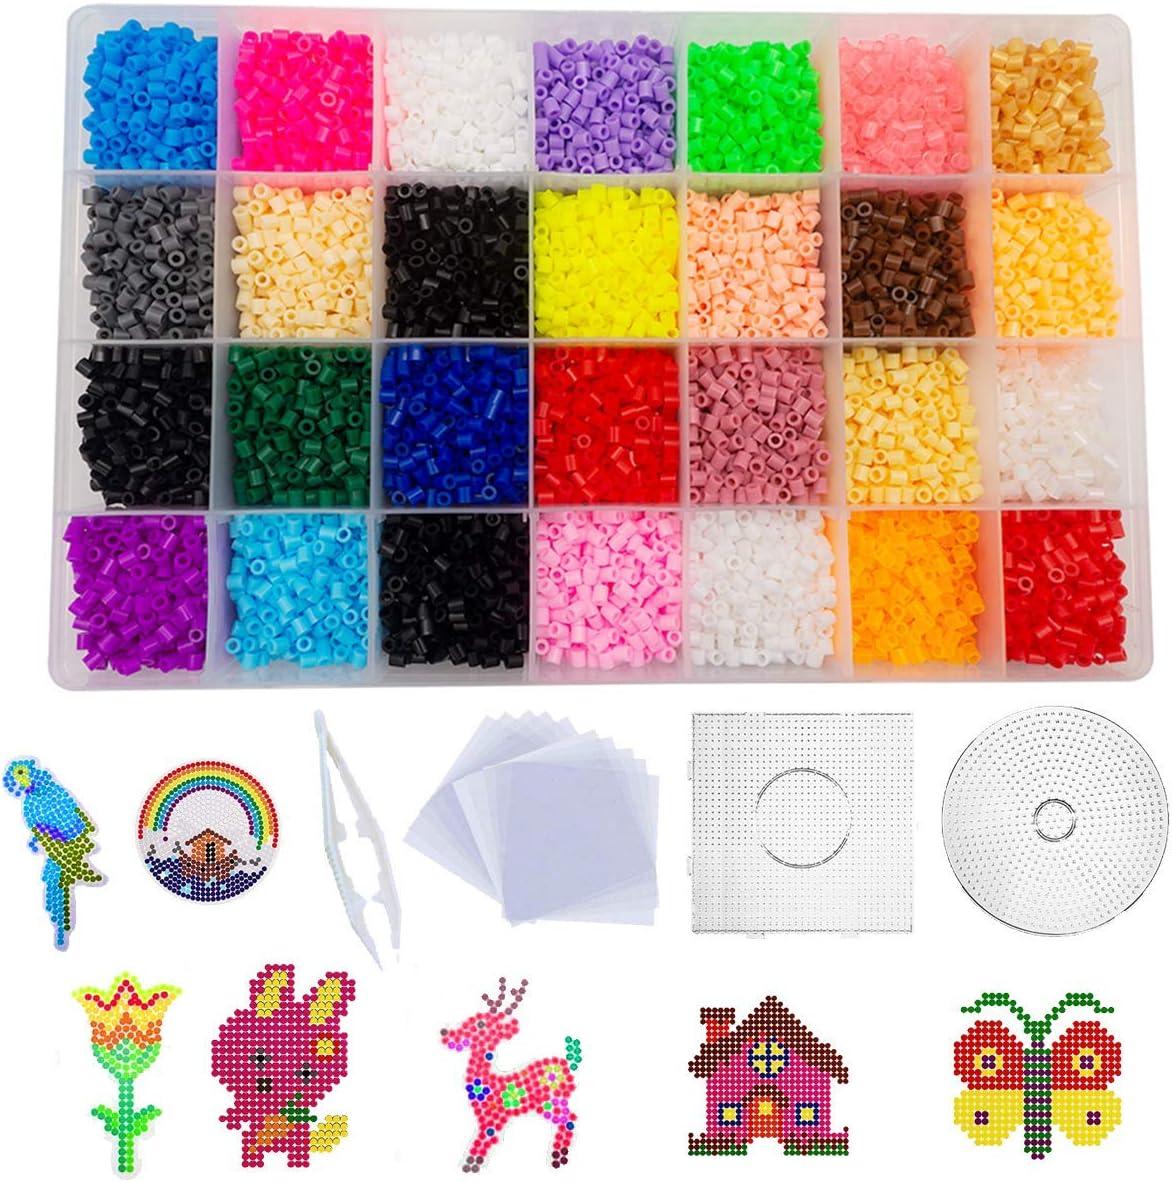 shafier 11120 PCS Perler Beads 28 Colores Fuse Beads para Niños y Adulto DIY Patrón Arte de Pared pixelado en 2D Juguetes Educativos Cuentas de Artesanía: Amazon.es: Juguetes y juegos